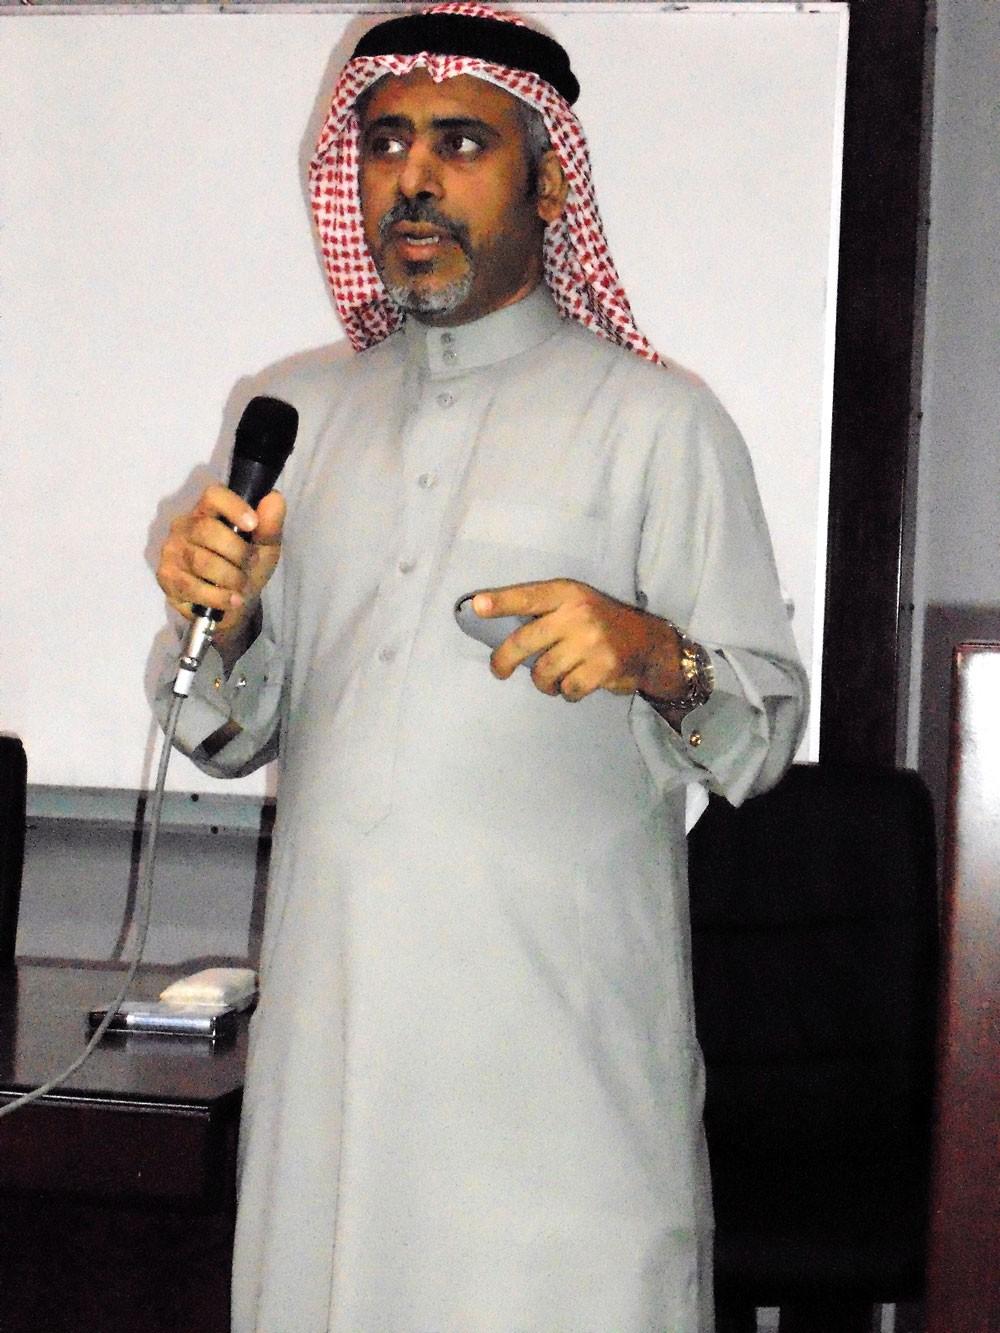 مدير الإعلام في مجلس التنمية يؤكد ان البحرين جاذبة للاستثمارات العالمية